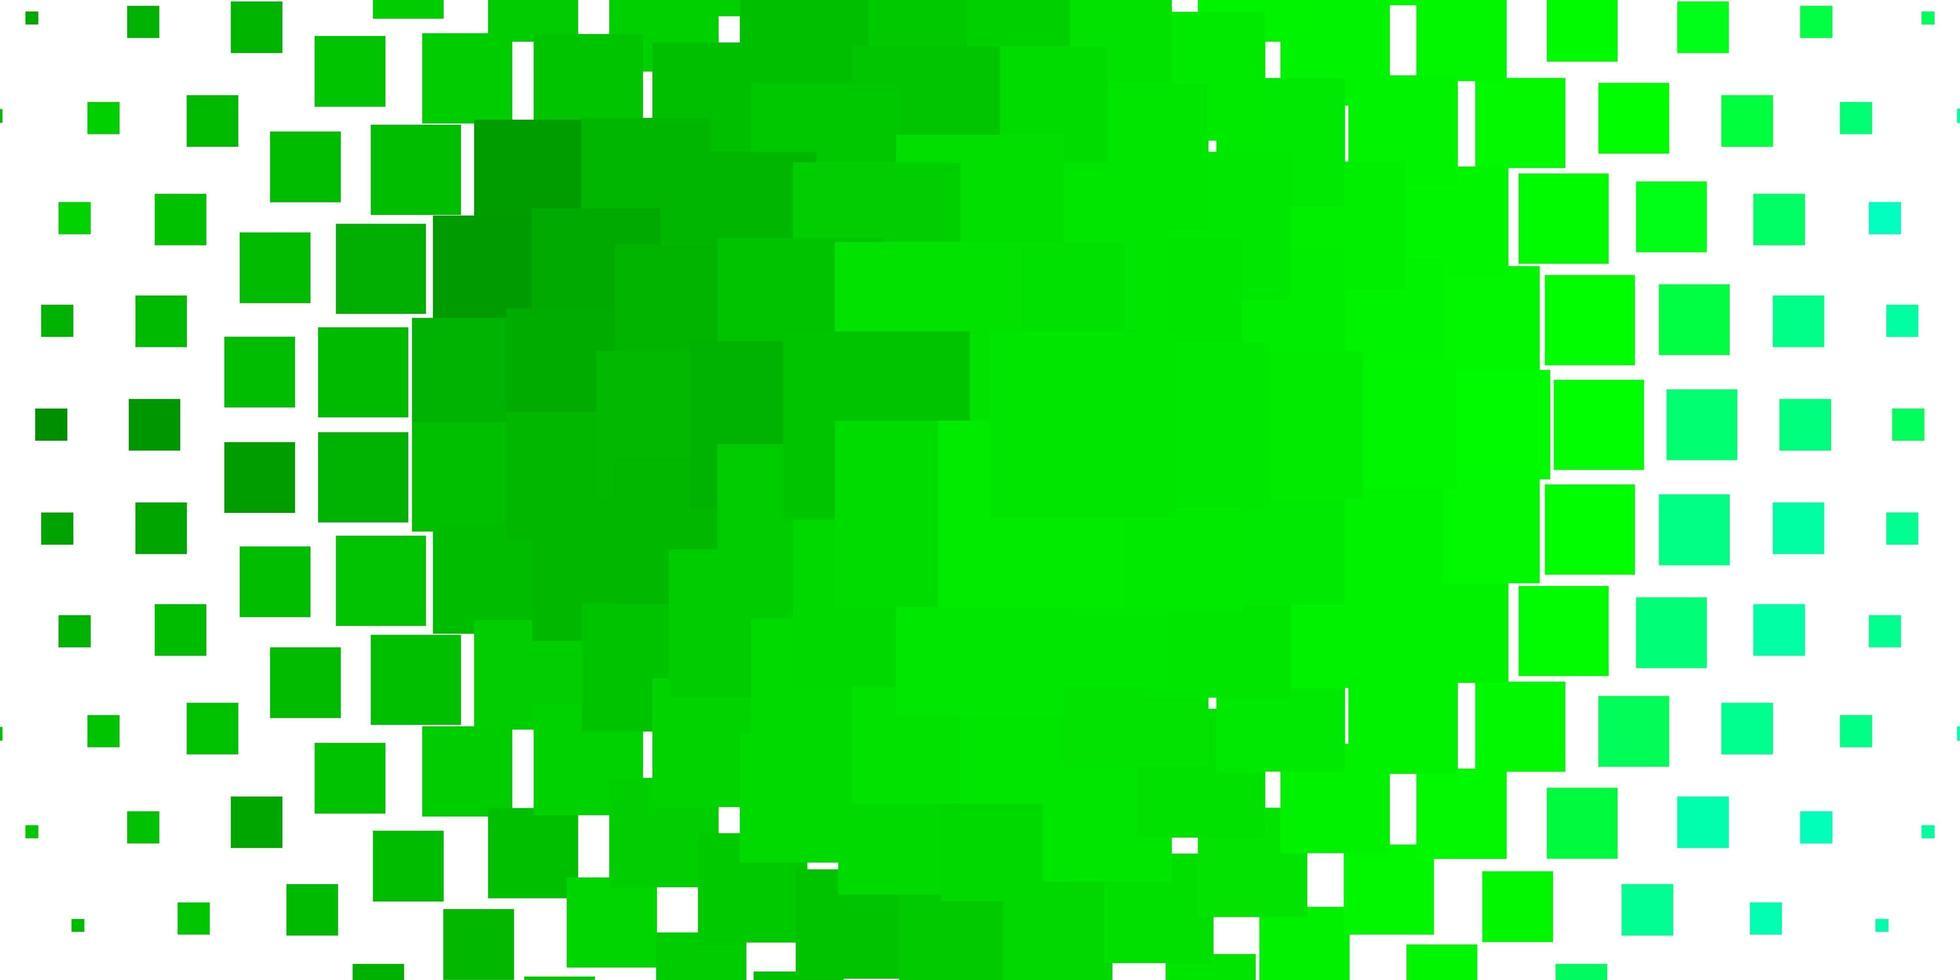 modèle vectoriel vert clair dans les rectangles.